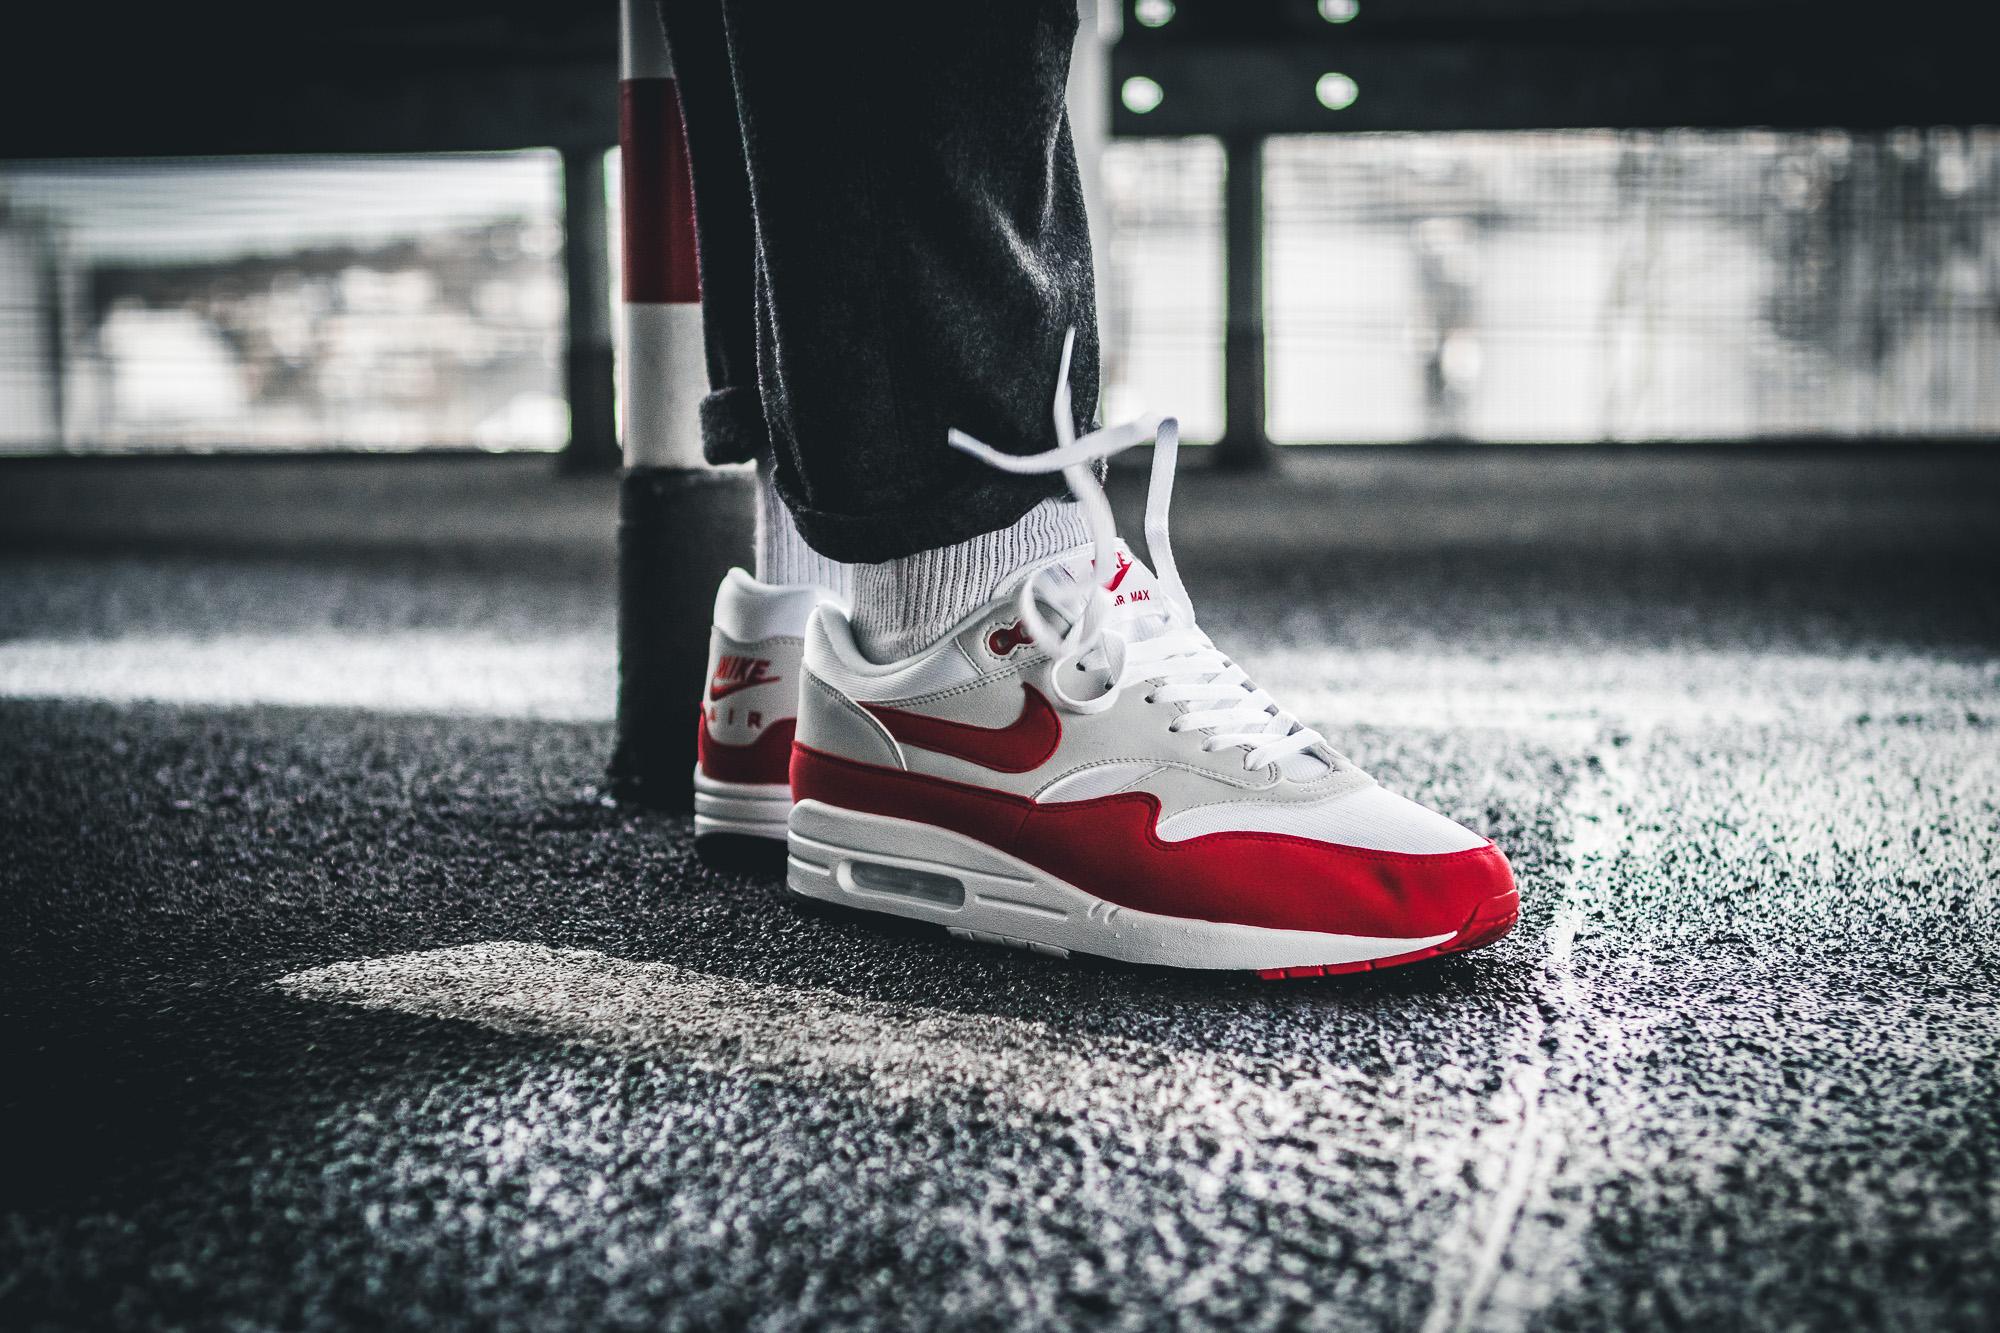 giày Nike Air Max 1 trắng đỏ